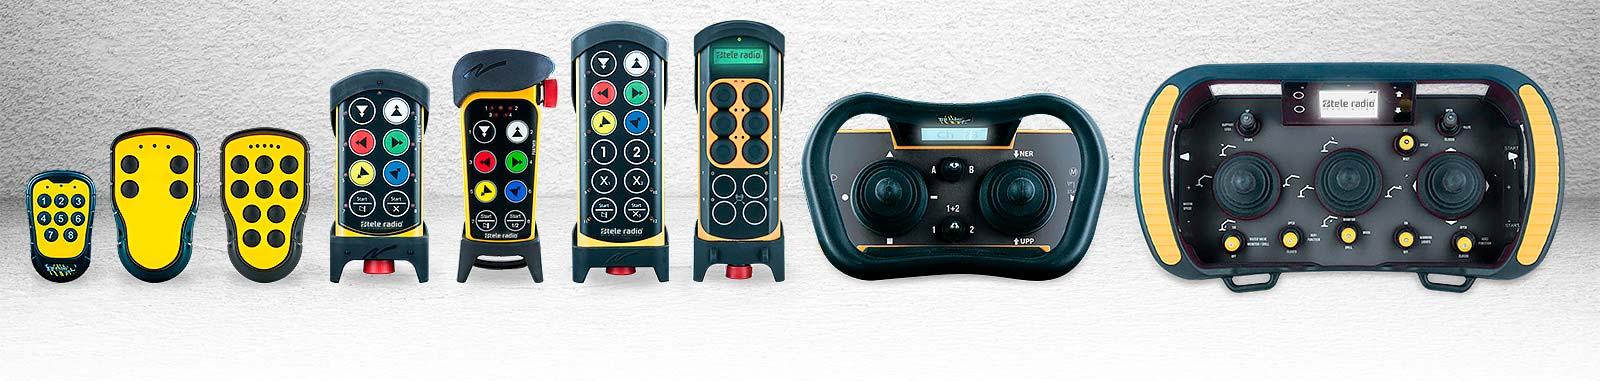 linea de controles remotos tele radio con mandos joystick